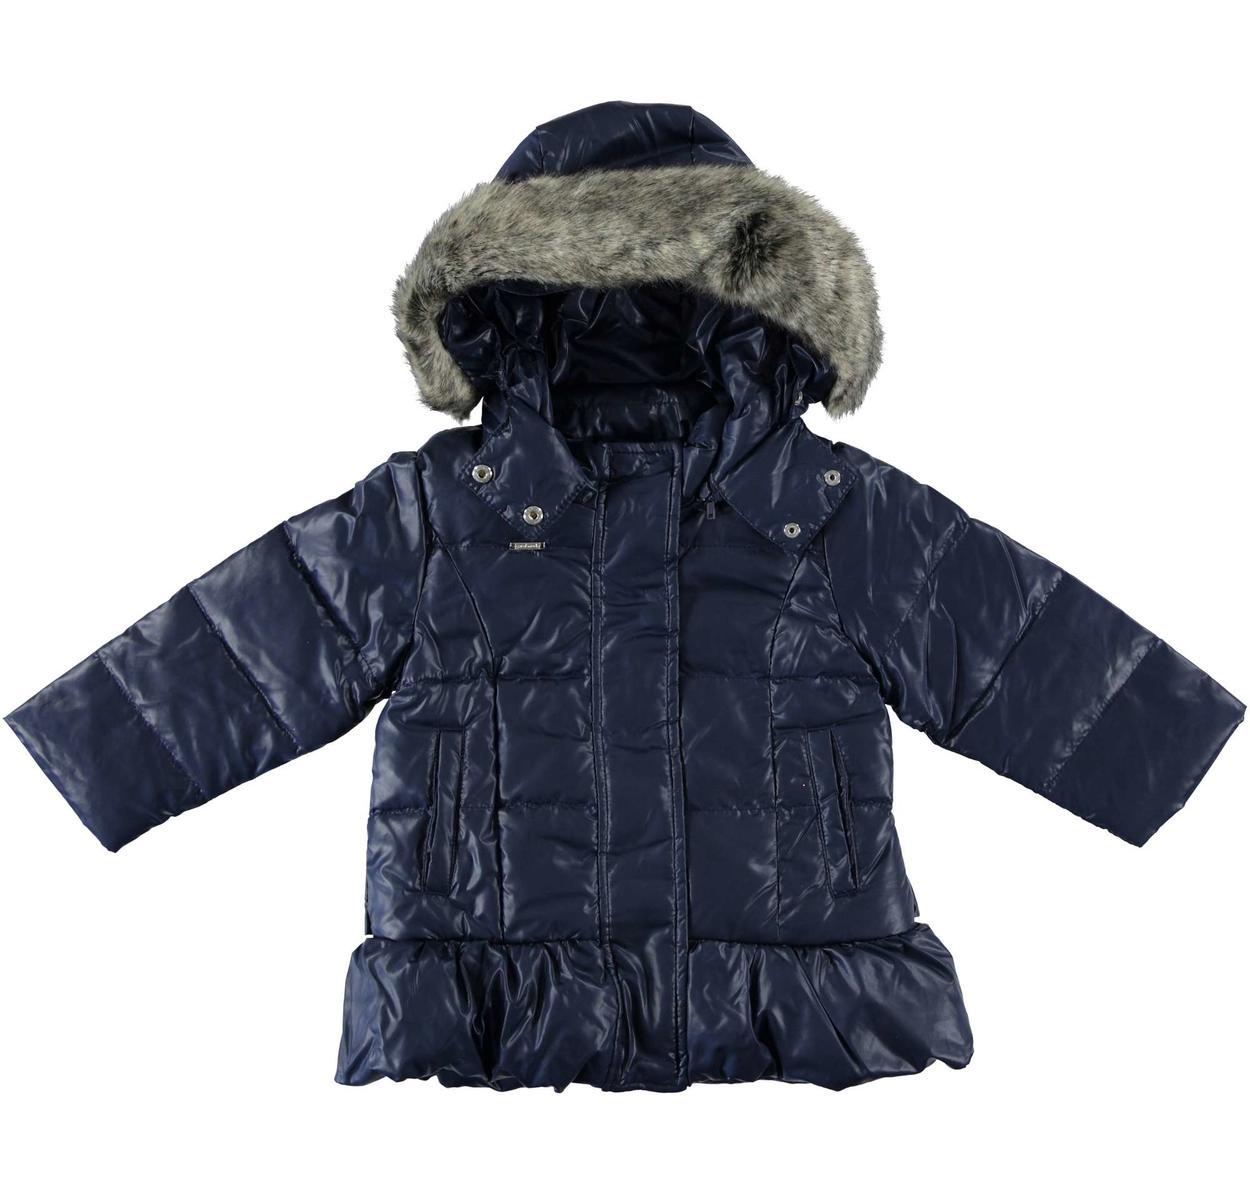 online store 6f67c 3deb1 Piumino in vera piuma d'oca con cappuccio per bambina da 6 mesi a 7 anni  Sarabanda